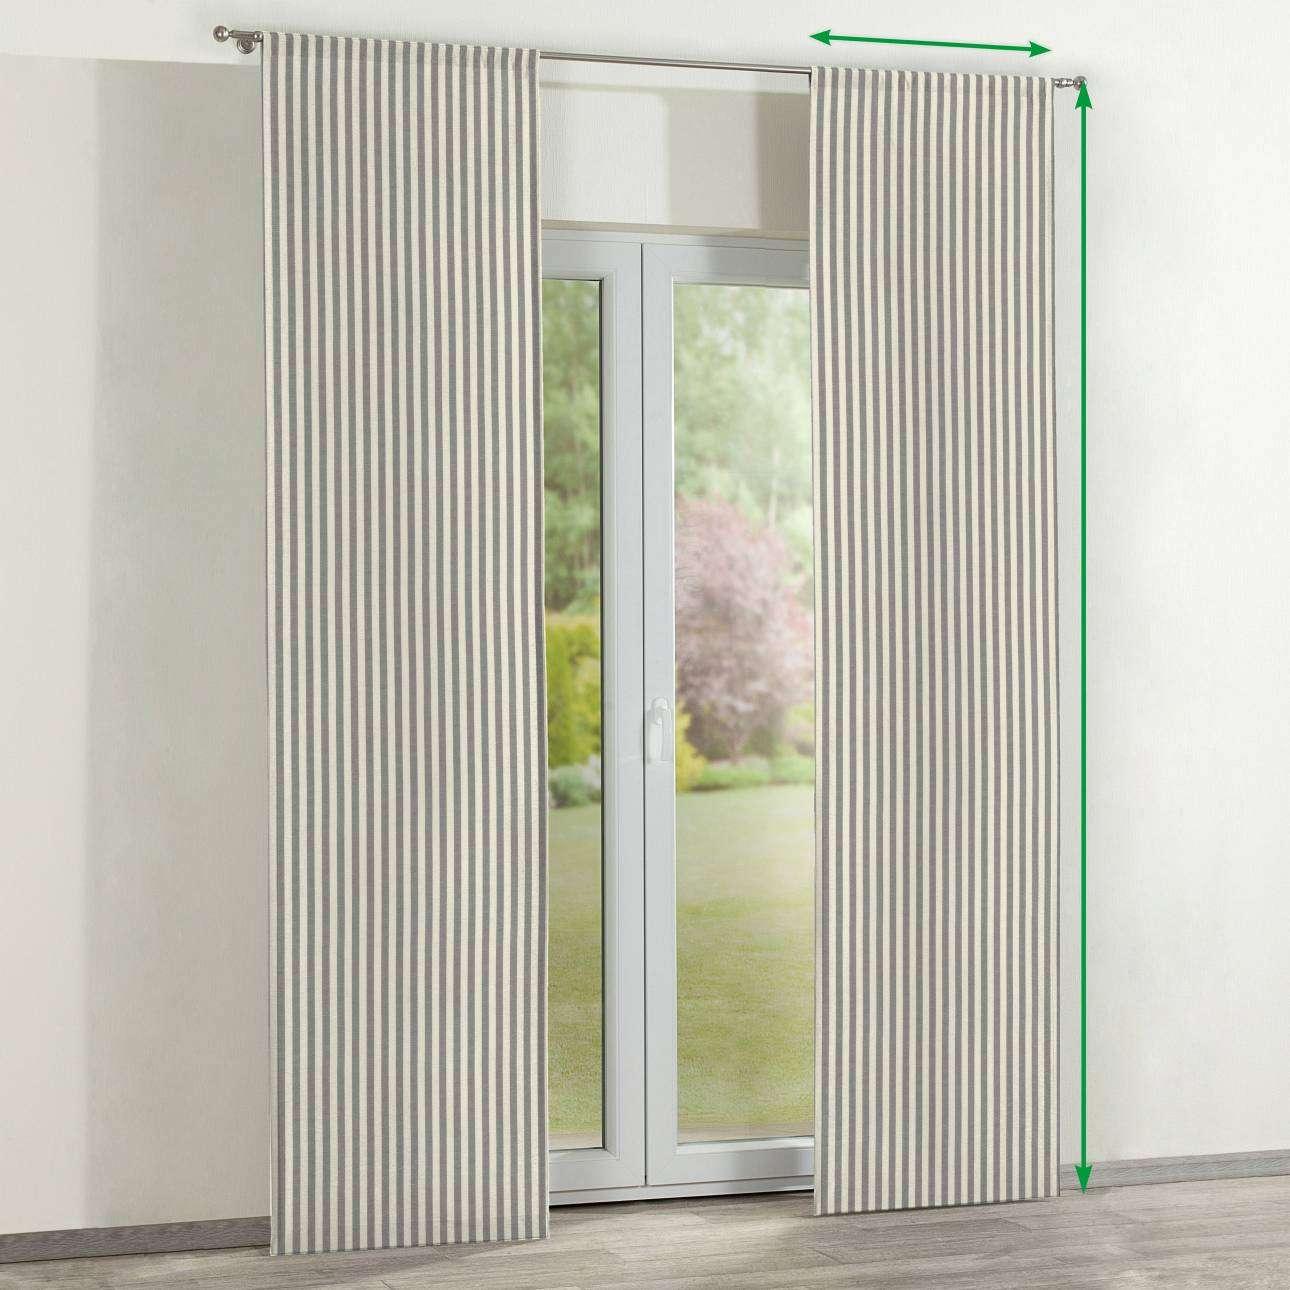 Zasłony panelowe 2 szt. w kolekcji Quadro, tkanina: 136-12